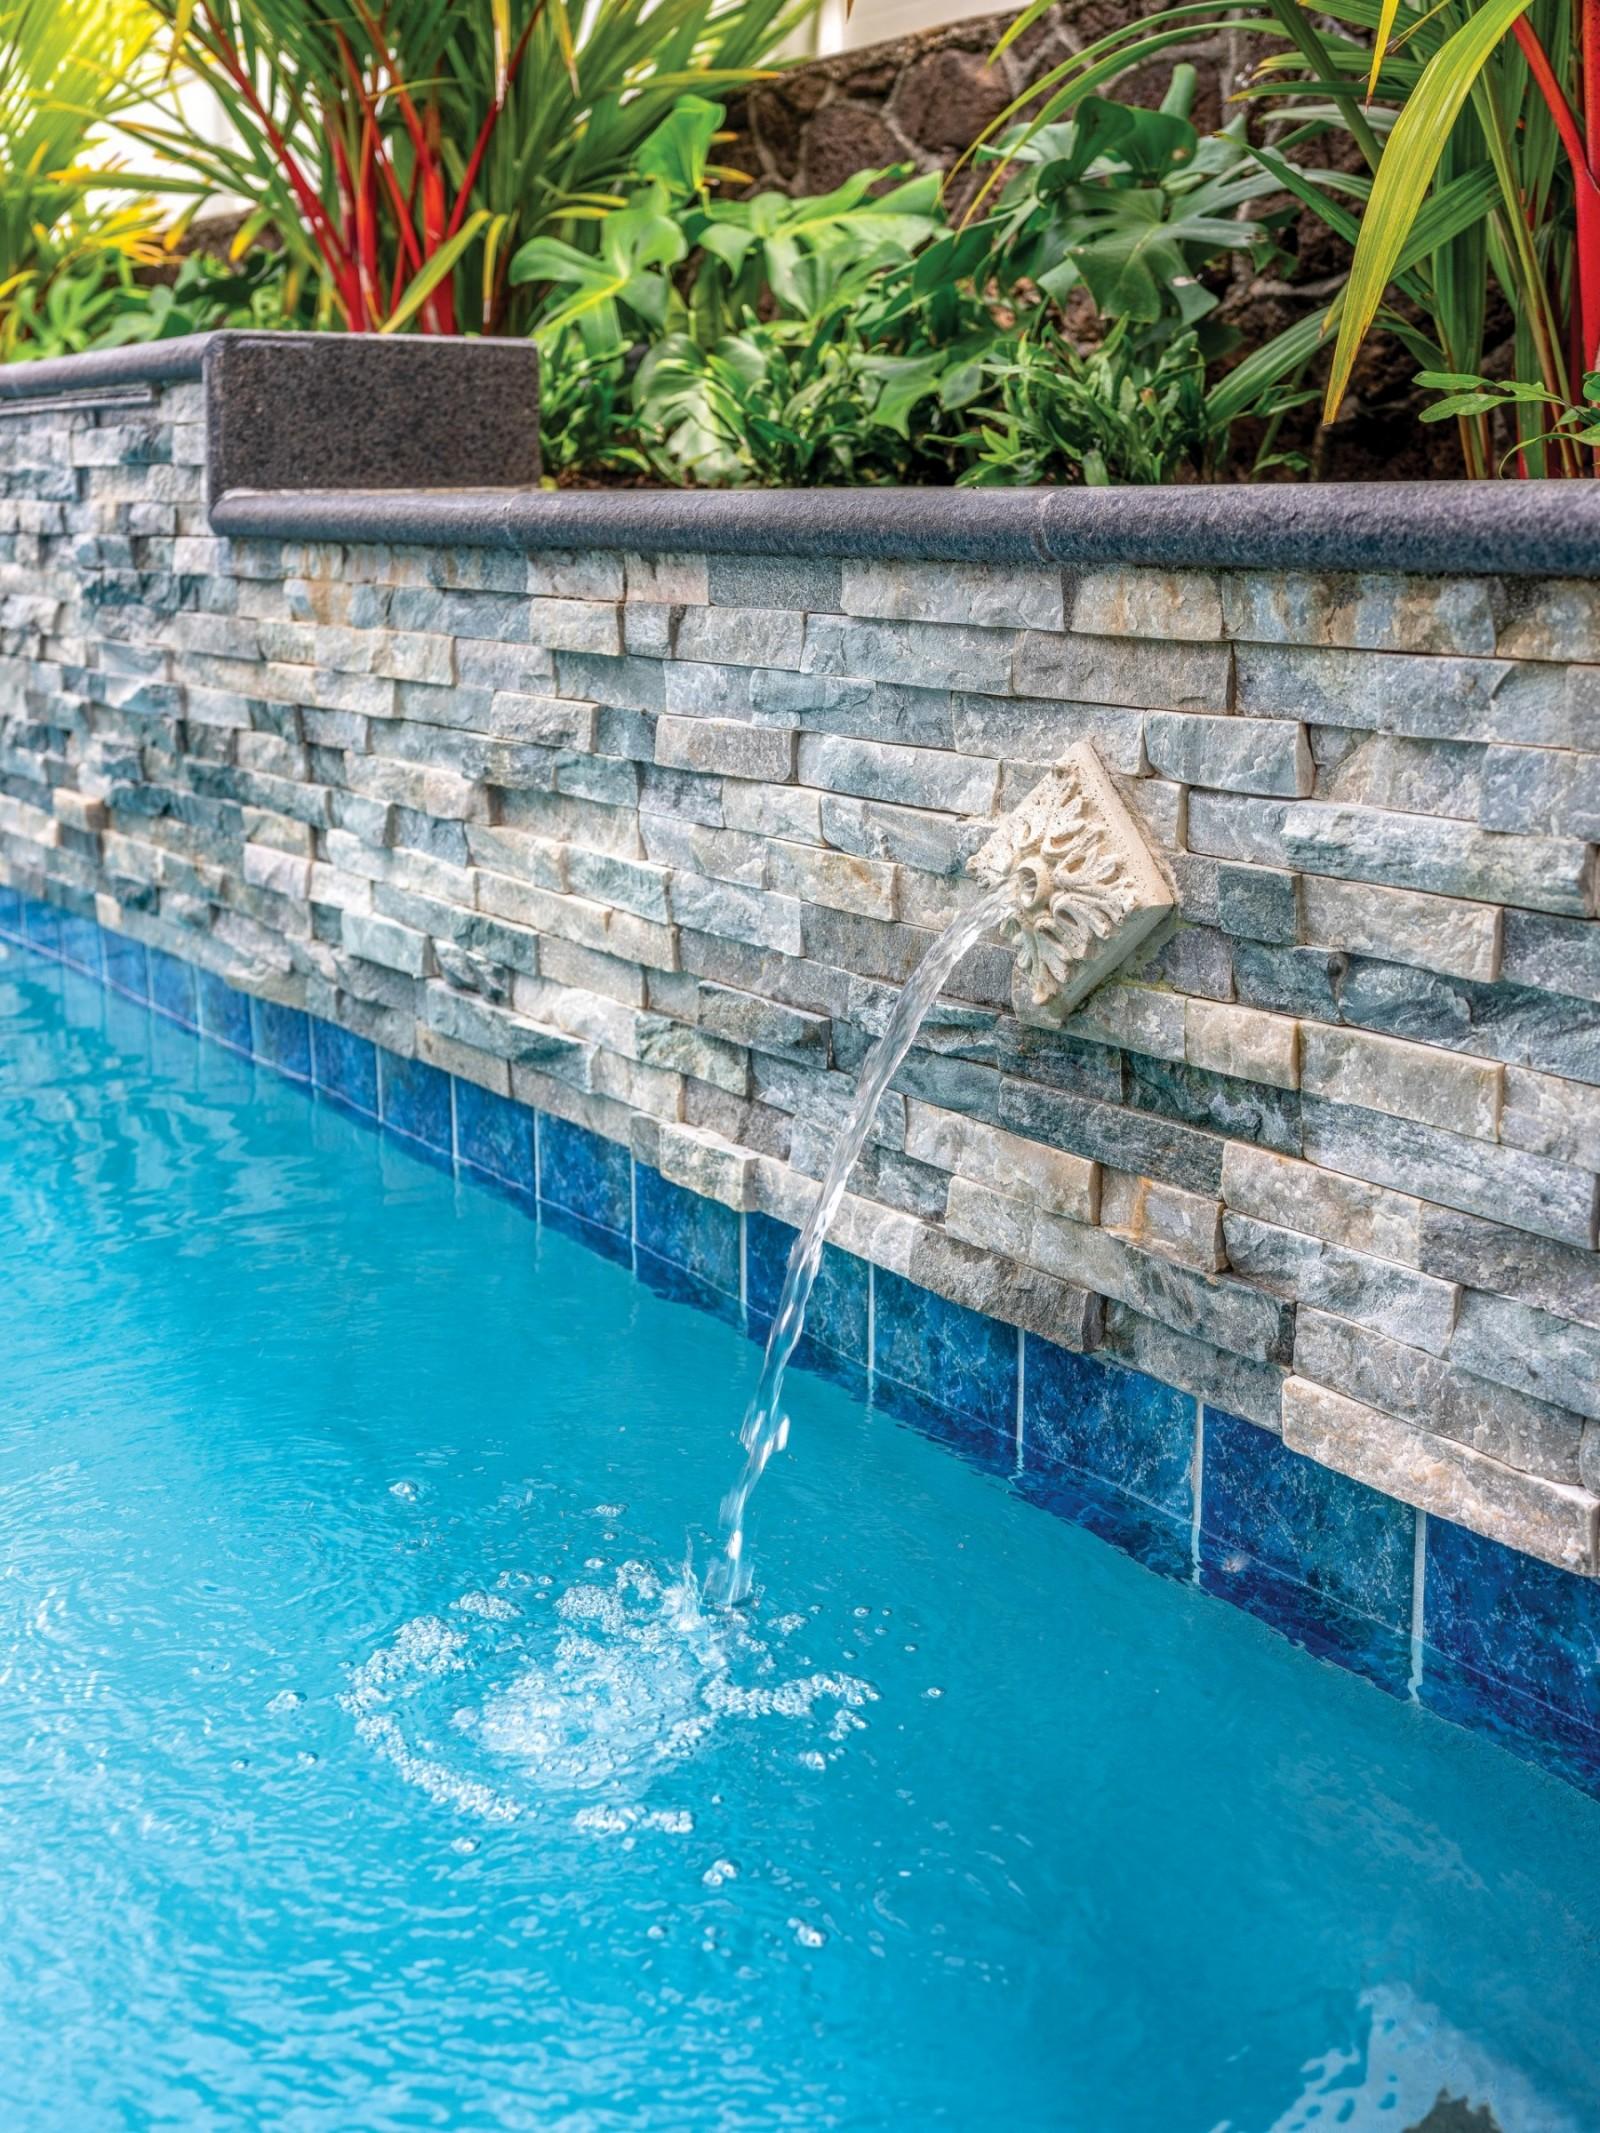 09 21 Hhr Feature Pacific Pools Spas3